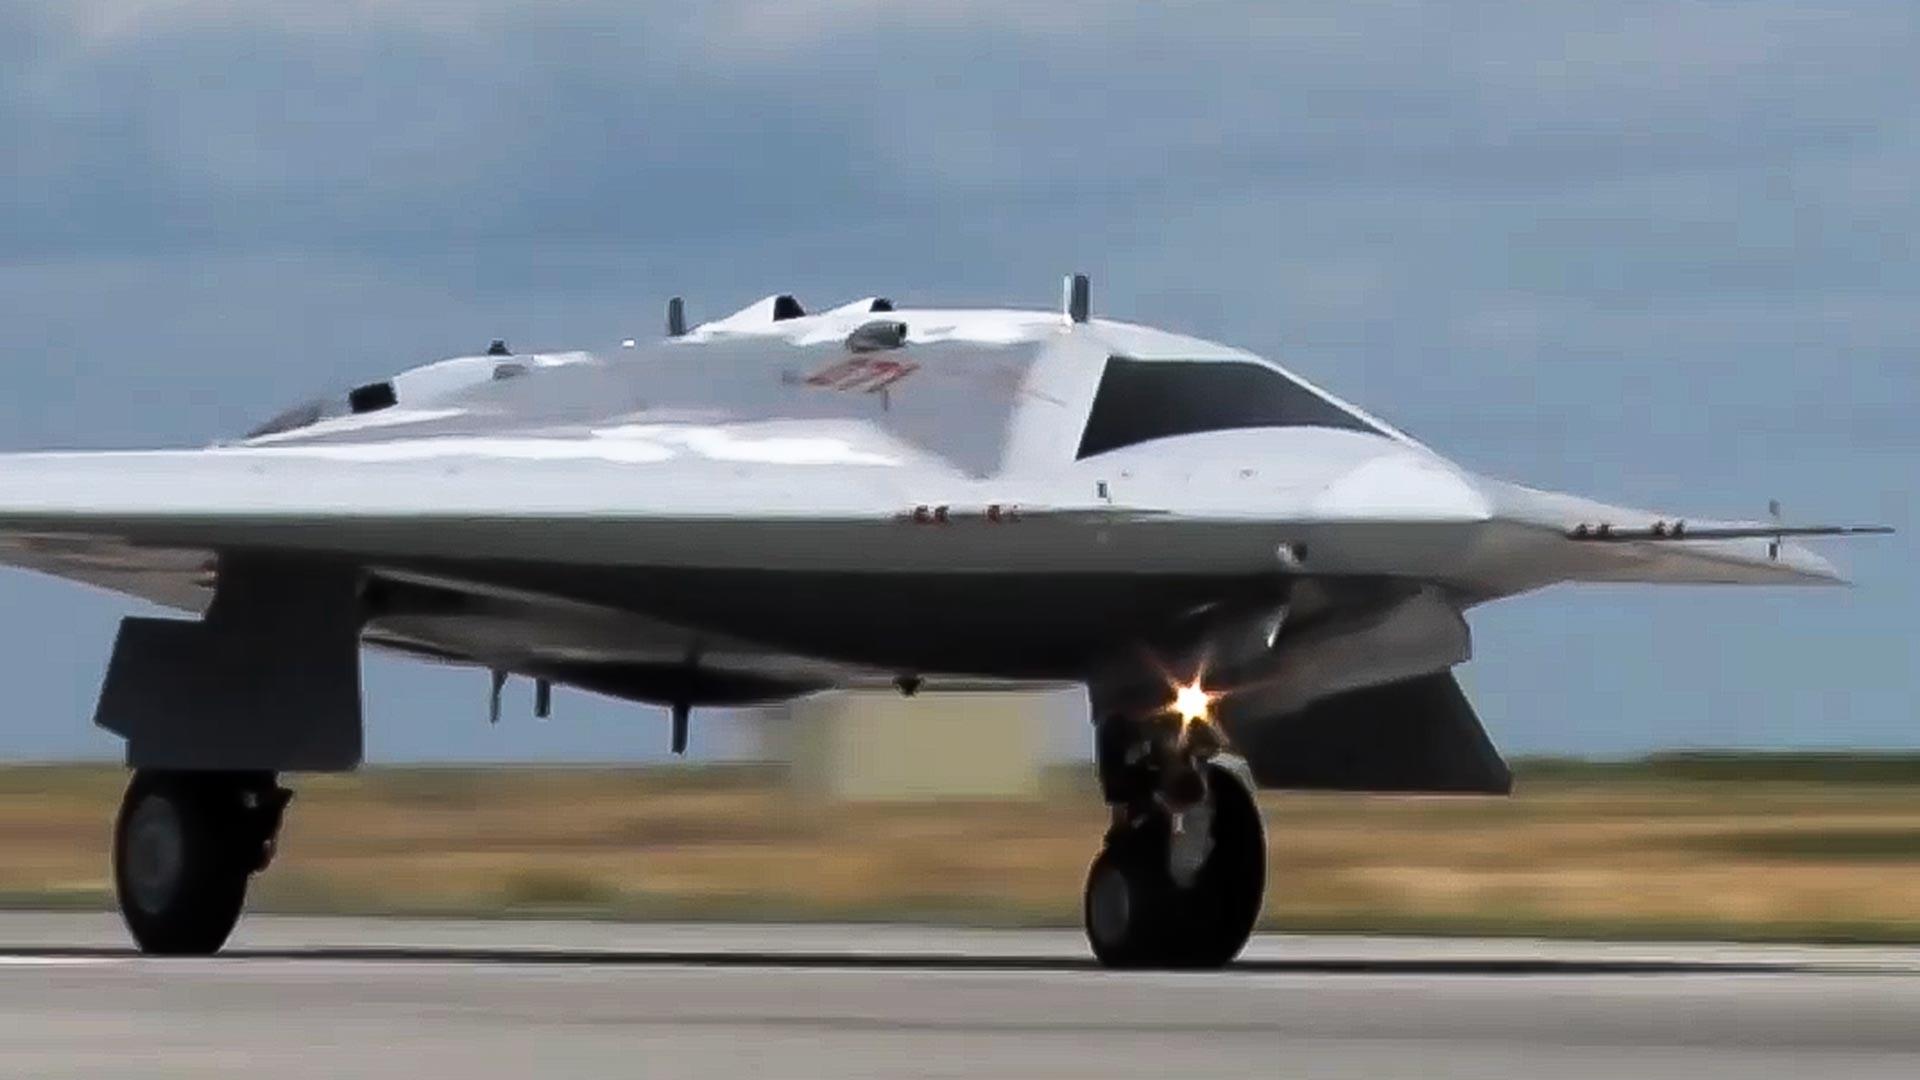 Prvi let najnovije bespilotne letjelice